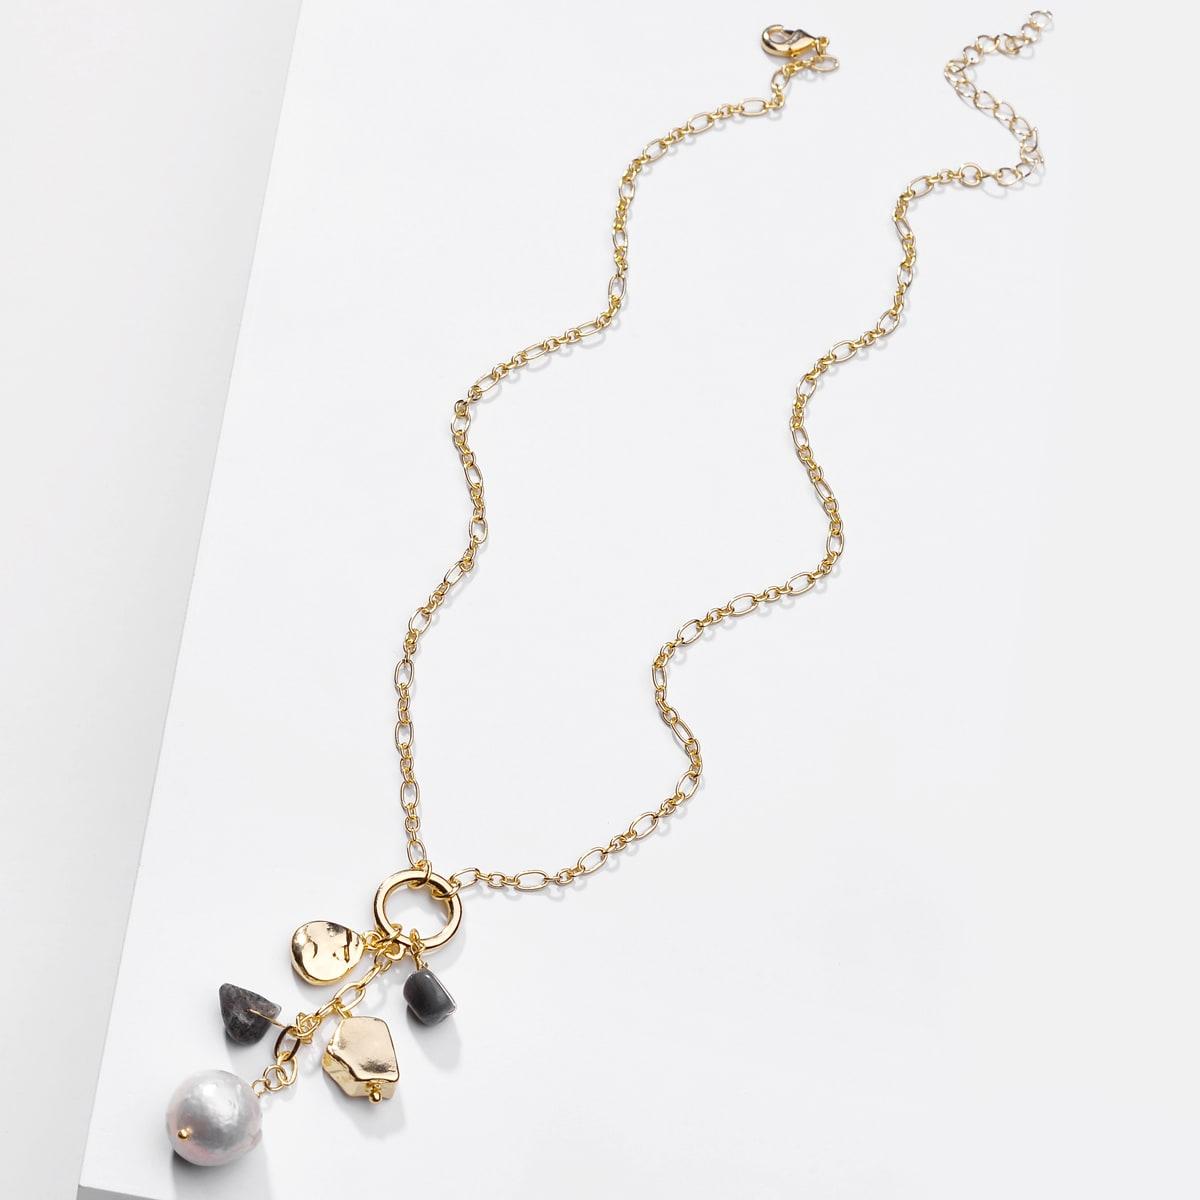 SHEIN / Halskette mit Kunstperlen Dekor